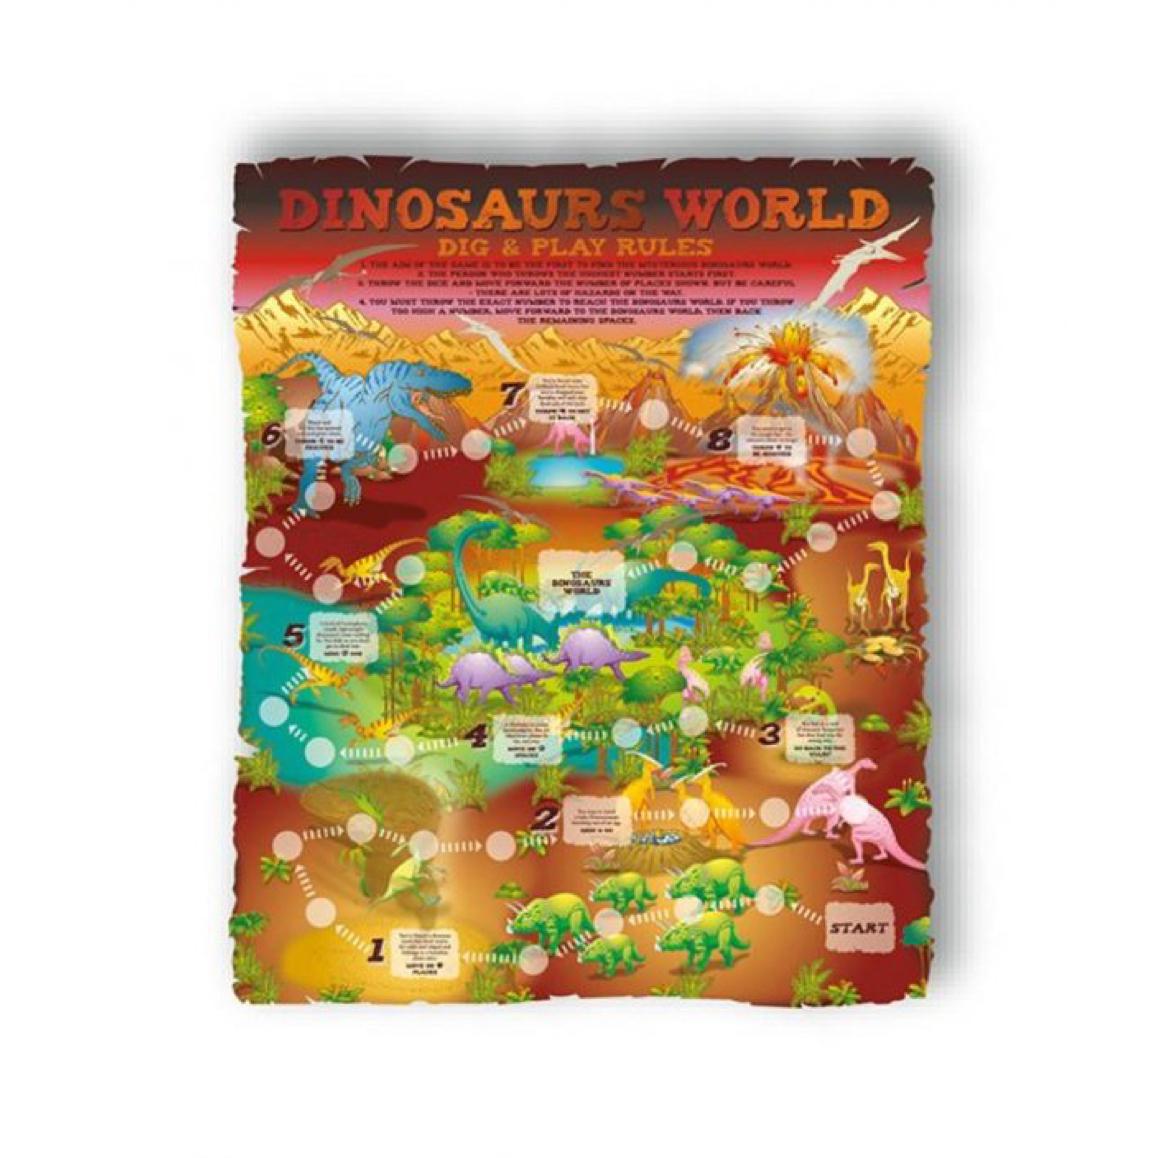 kit-excava-y-juega-con-los-dinosaurios-dinosaur-world-de-4m-en-el-mundo-de-mico-2